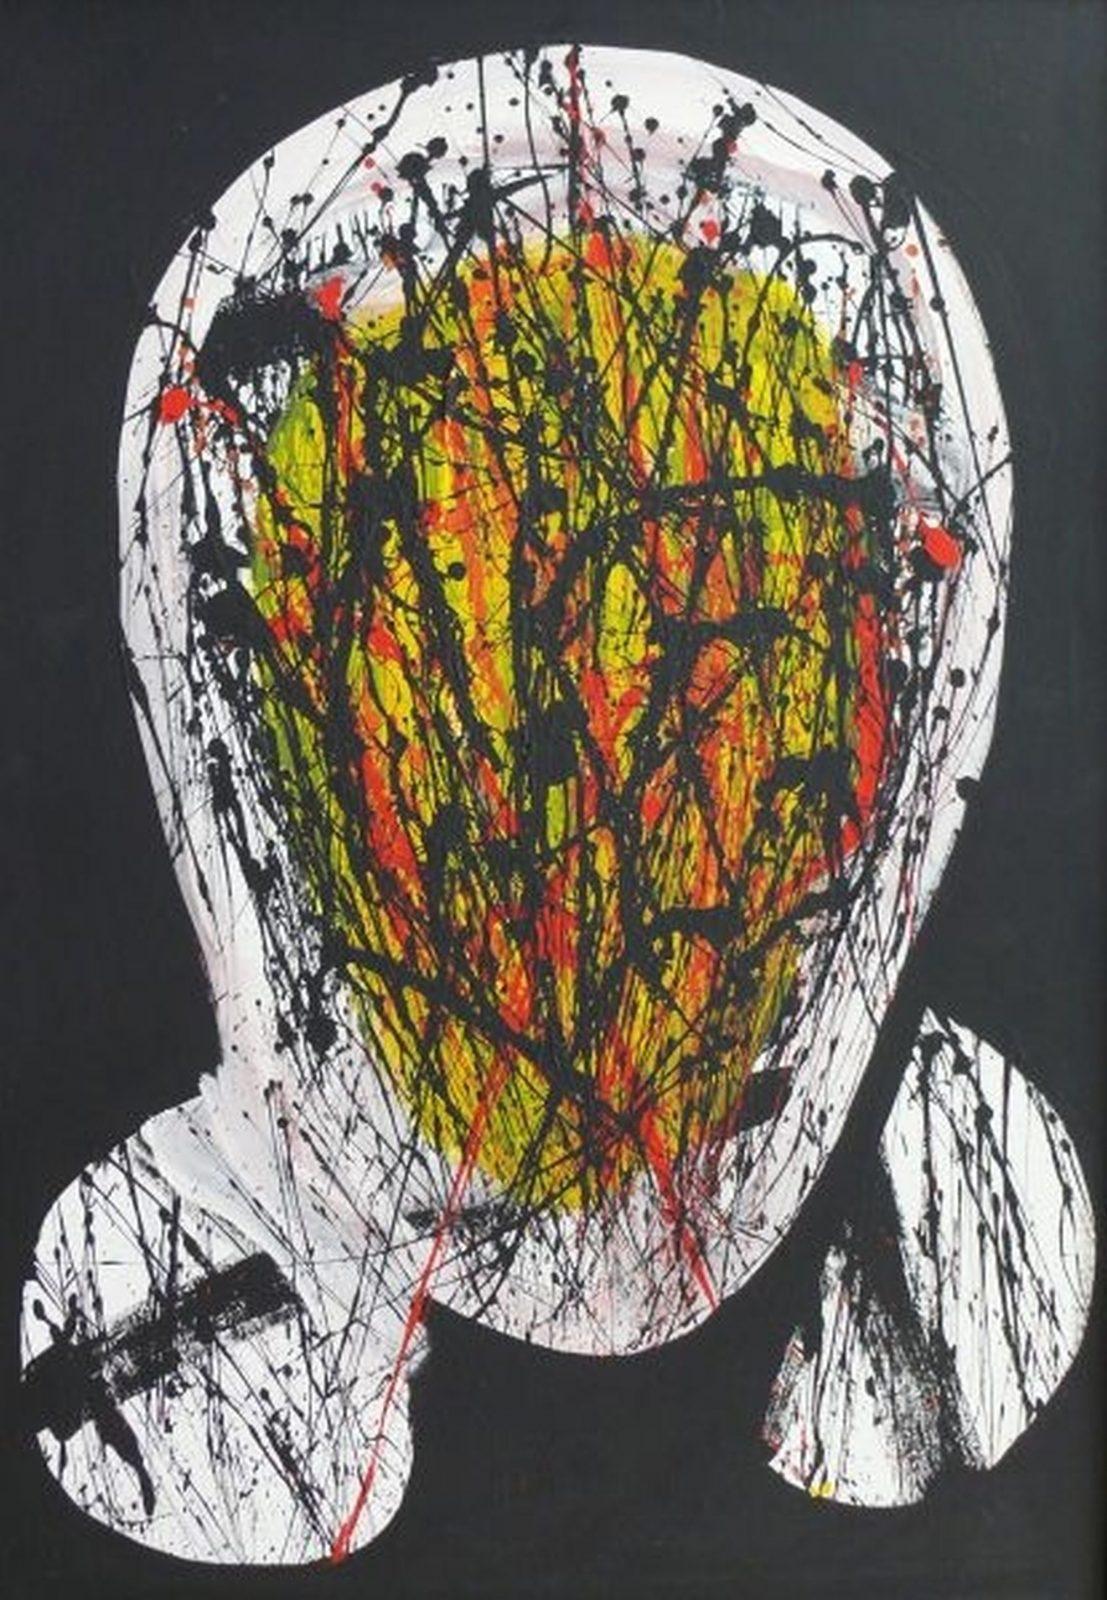 László feLugossy: Splashed Head I.